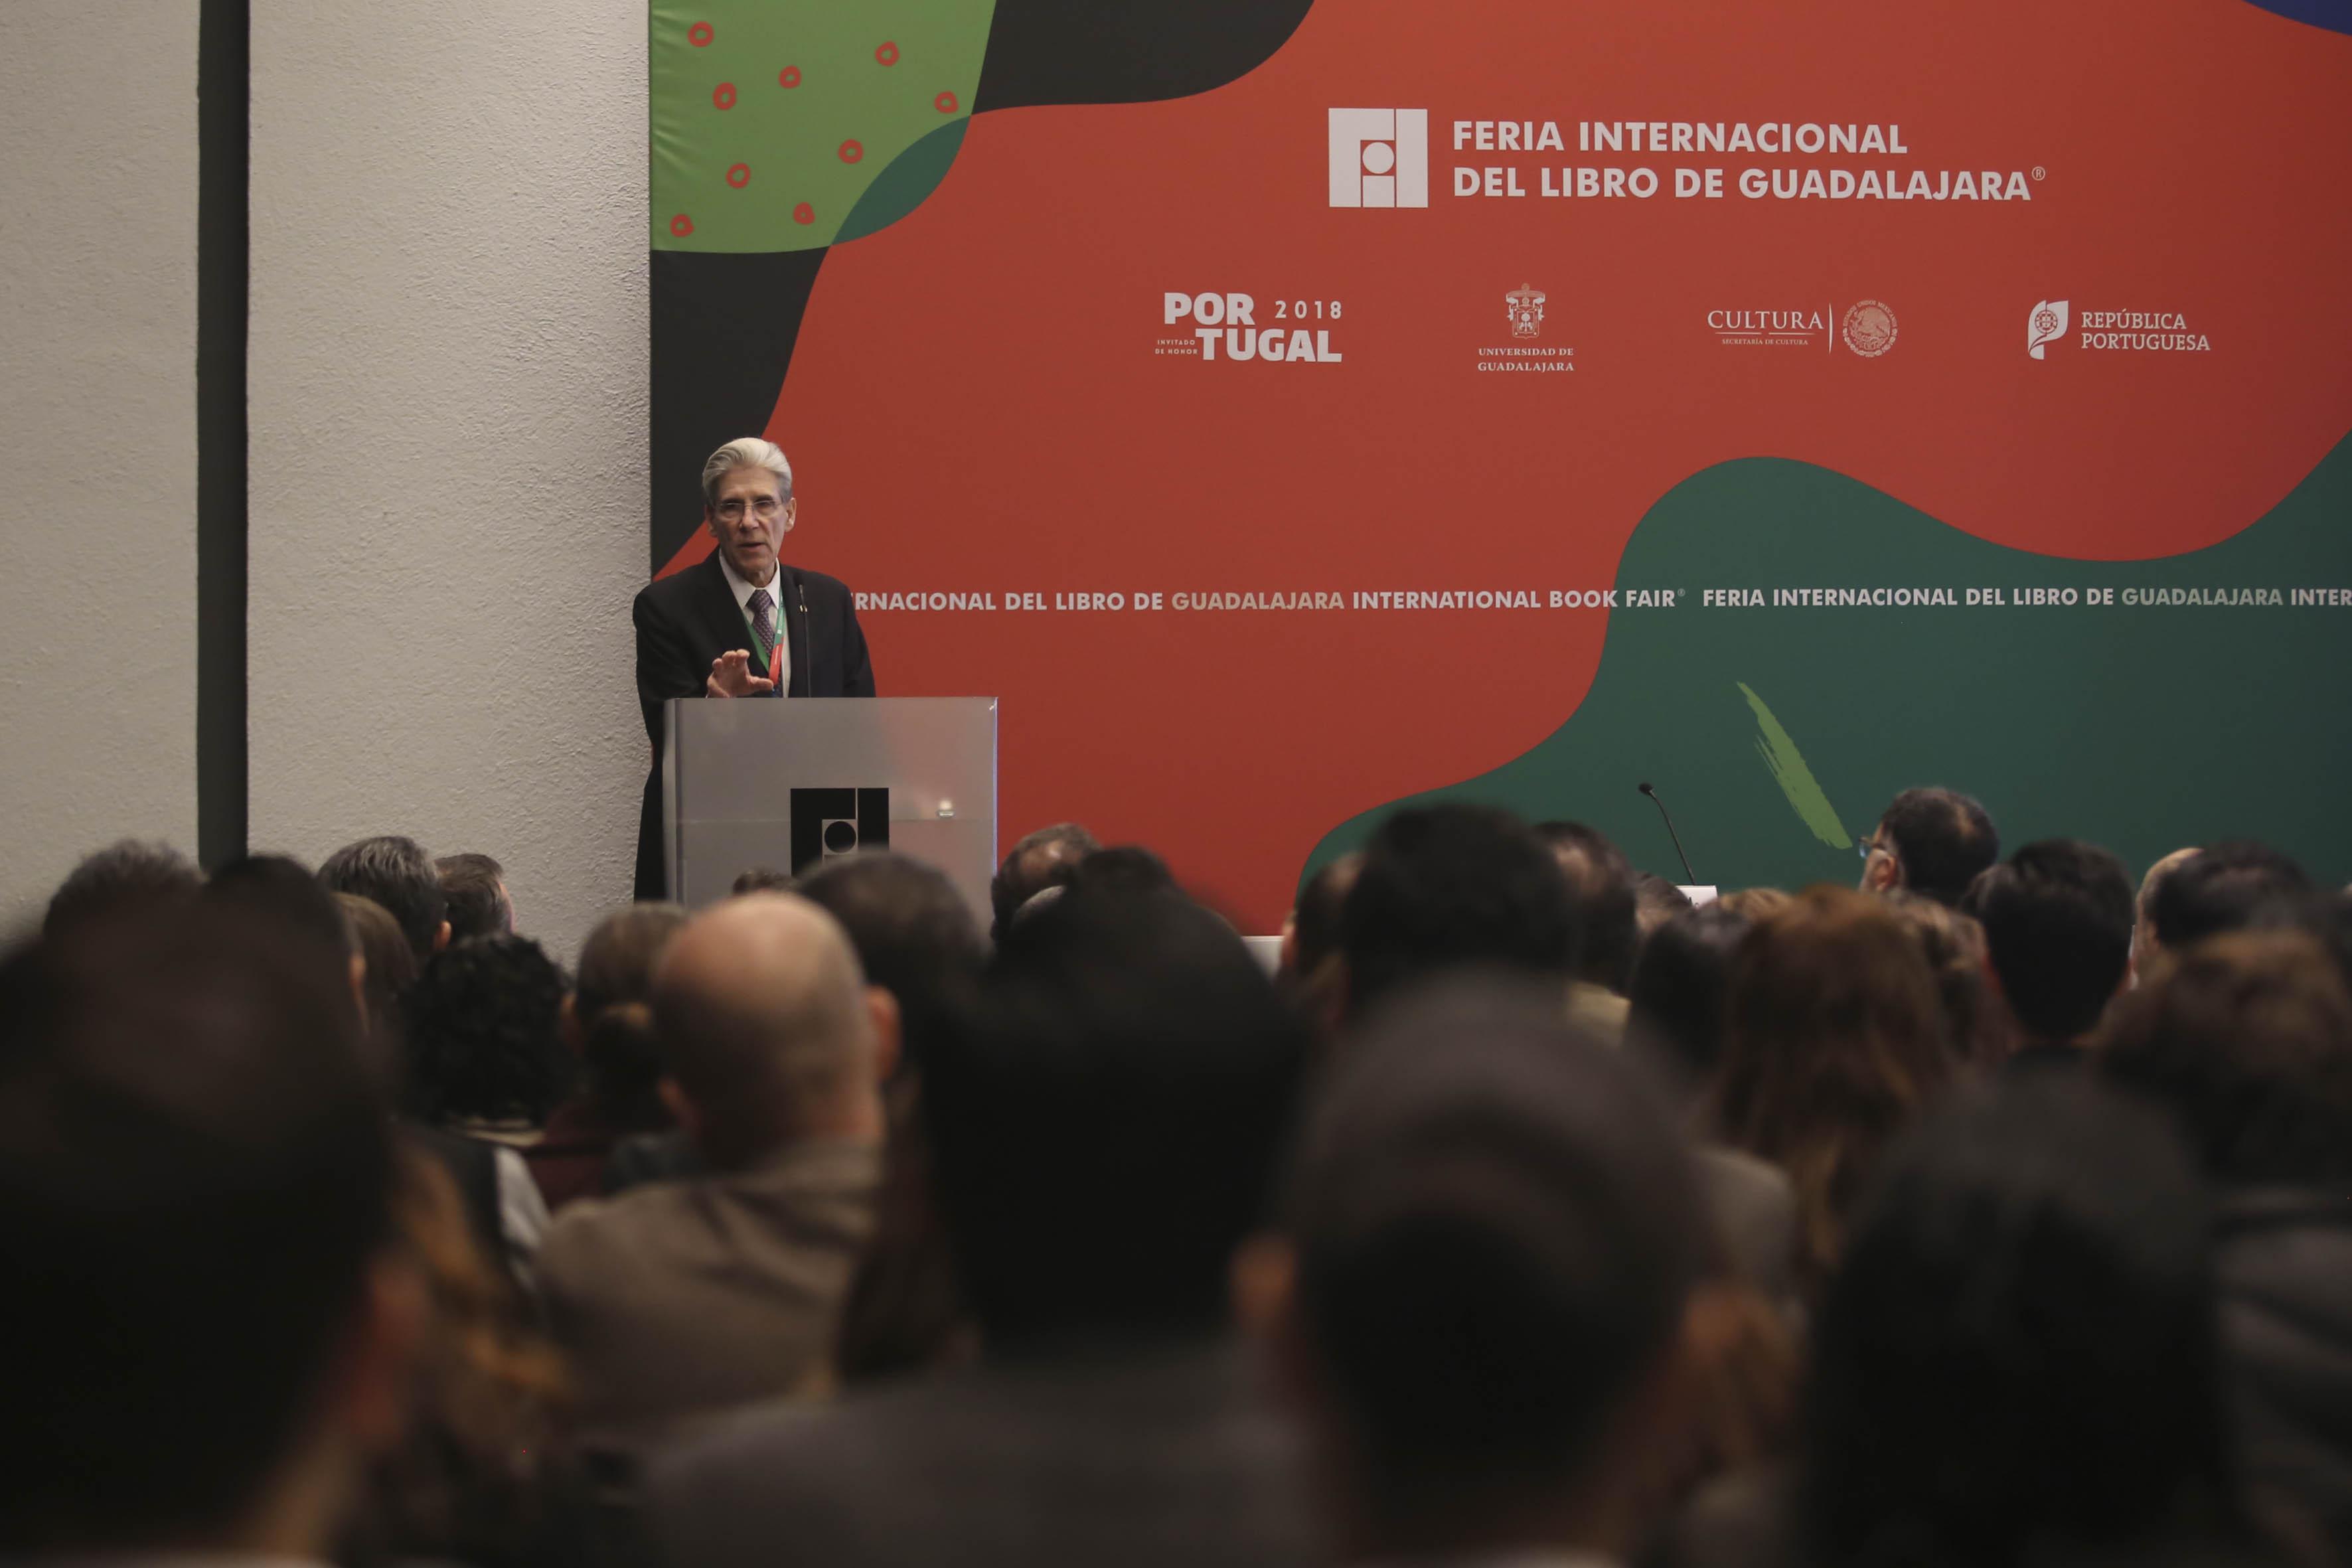 Dr. Julio Frenk al fondo del salón, antes se ven personas sentadas en un salón a lleno total